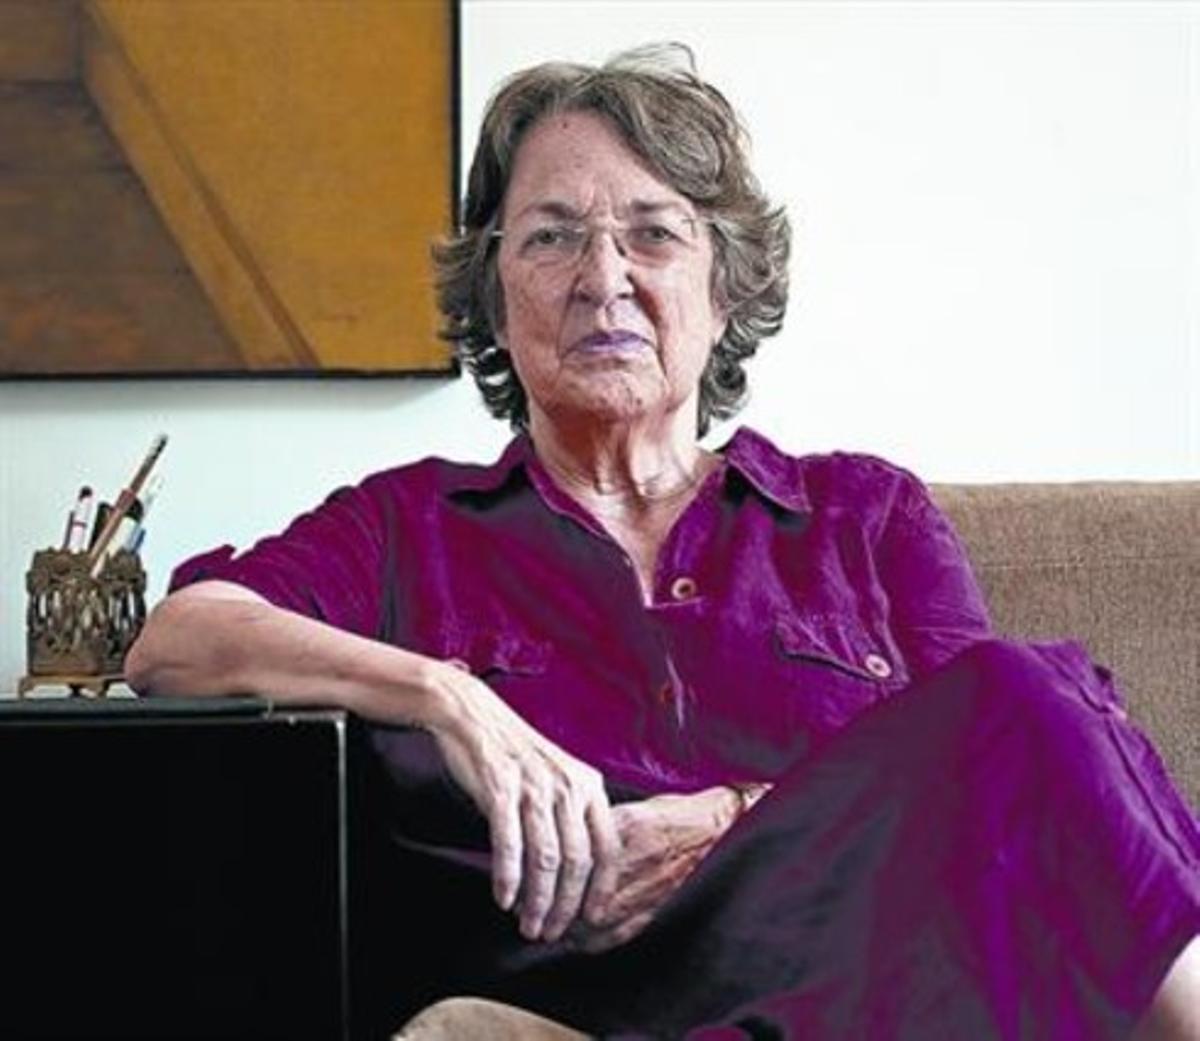 La escritora y editora Esther Tusquets en una imagen del 2007, cuando publicó 'Habíamos ganado la guerra'.